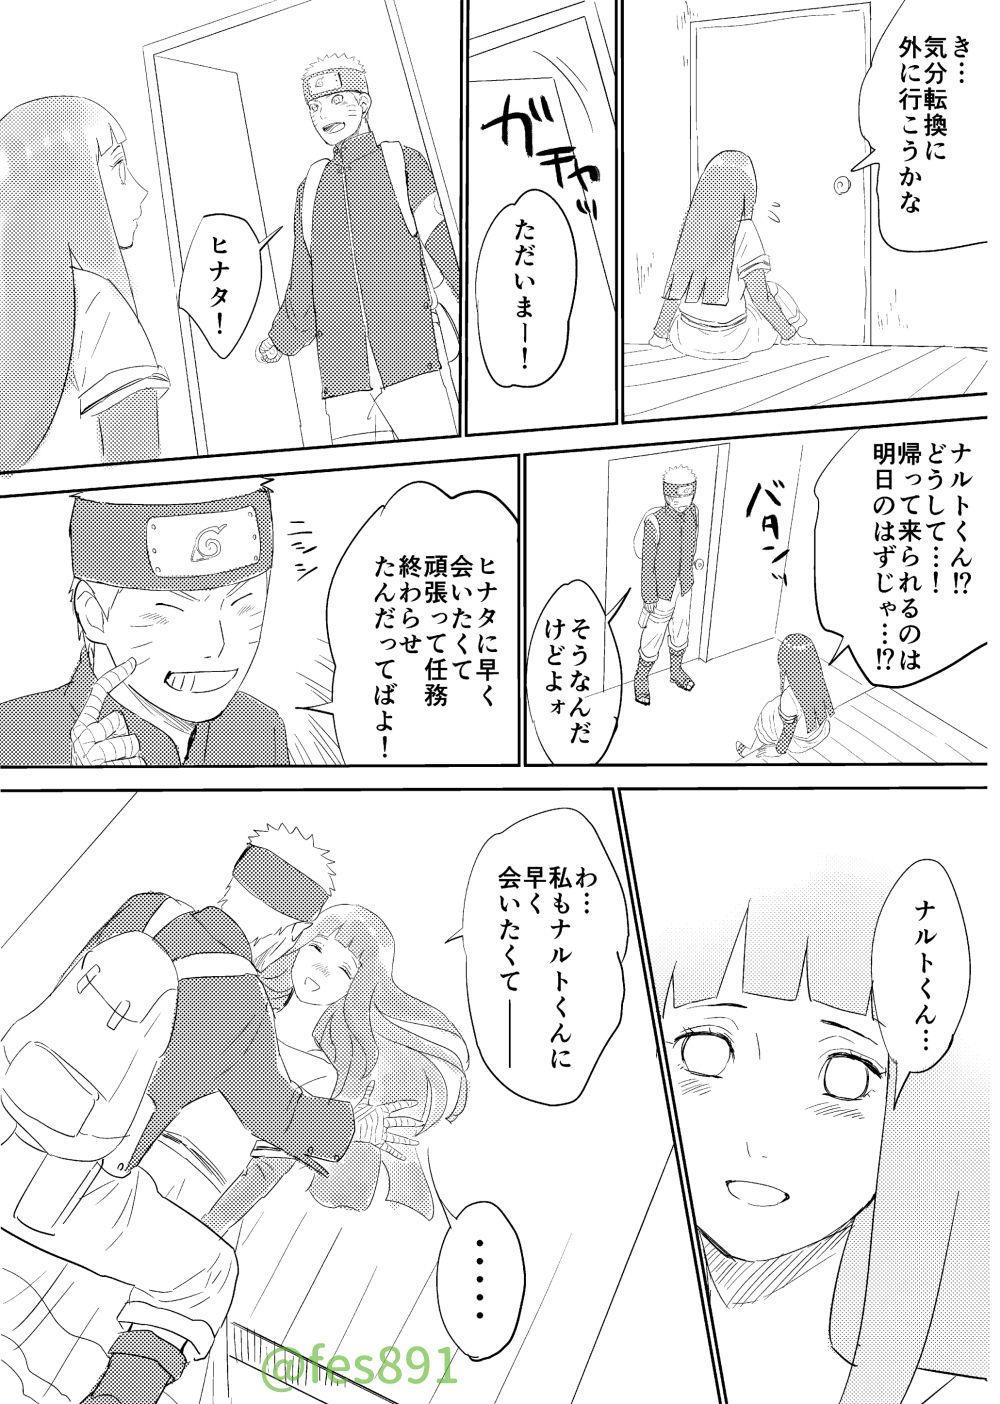 全忍3無配マンガ 4